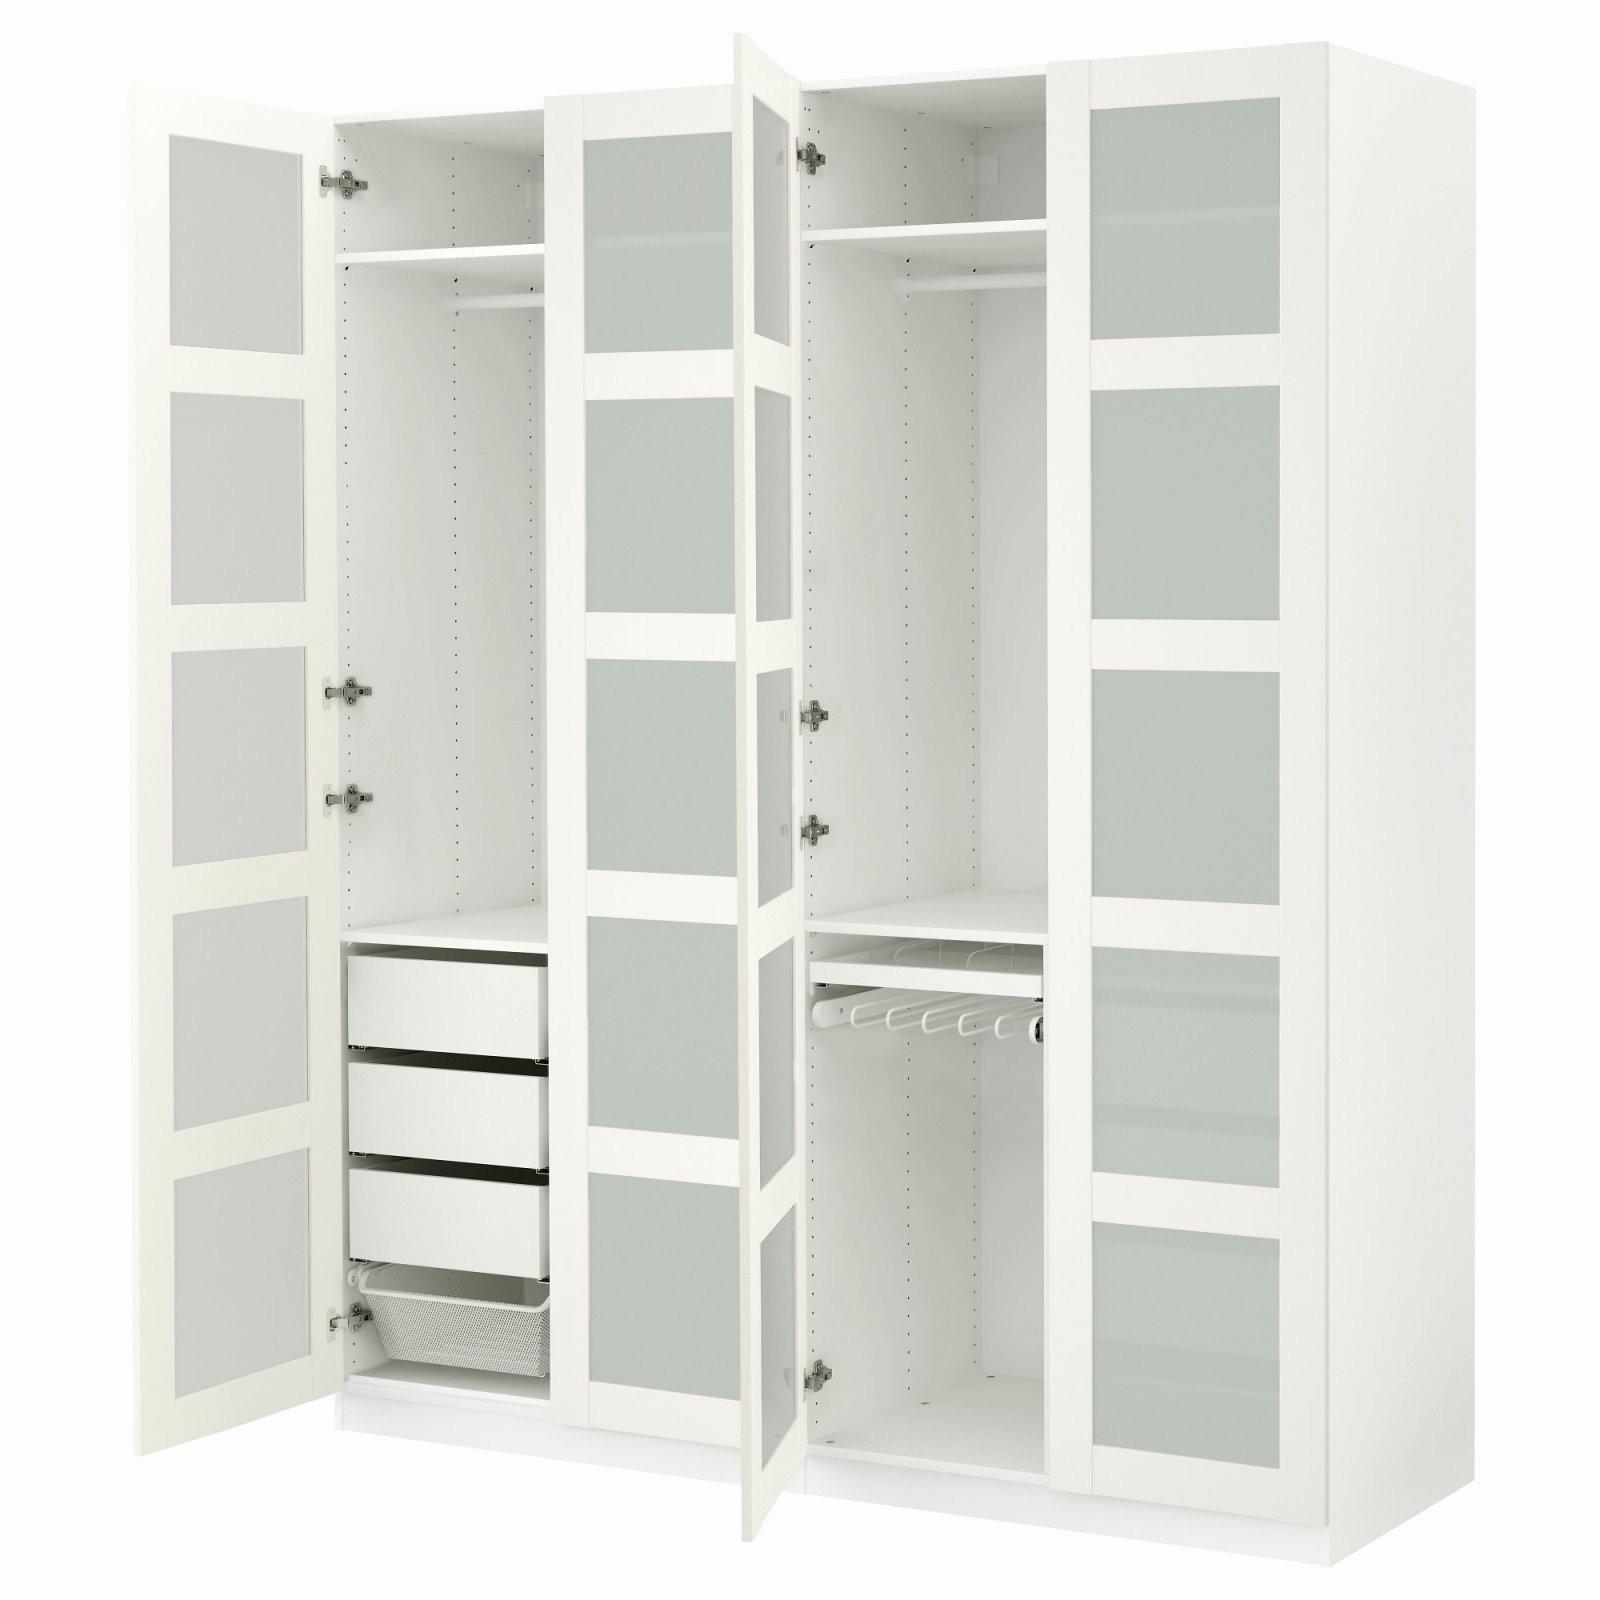 Schrank 100 Cm Hoch  Cabinetworlddesign von Schrank 180 Cm Hoch Photo